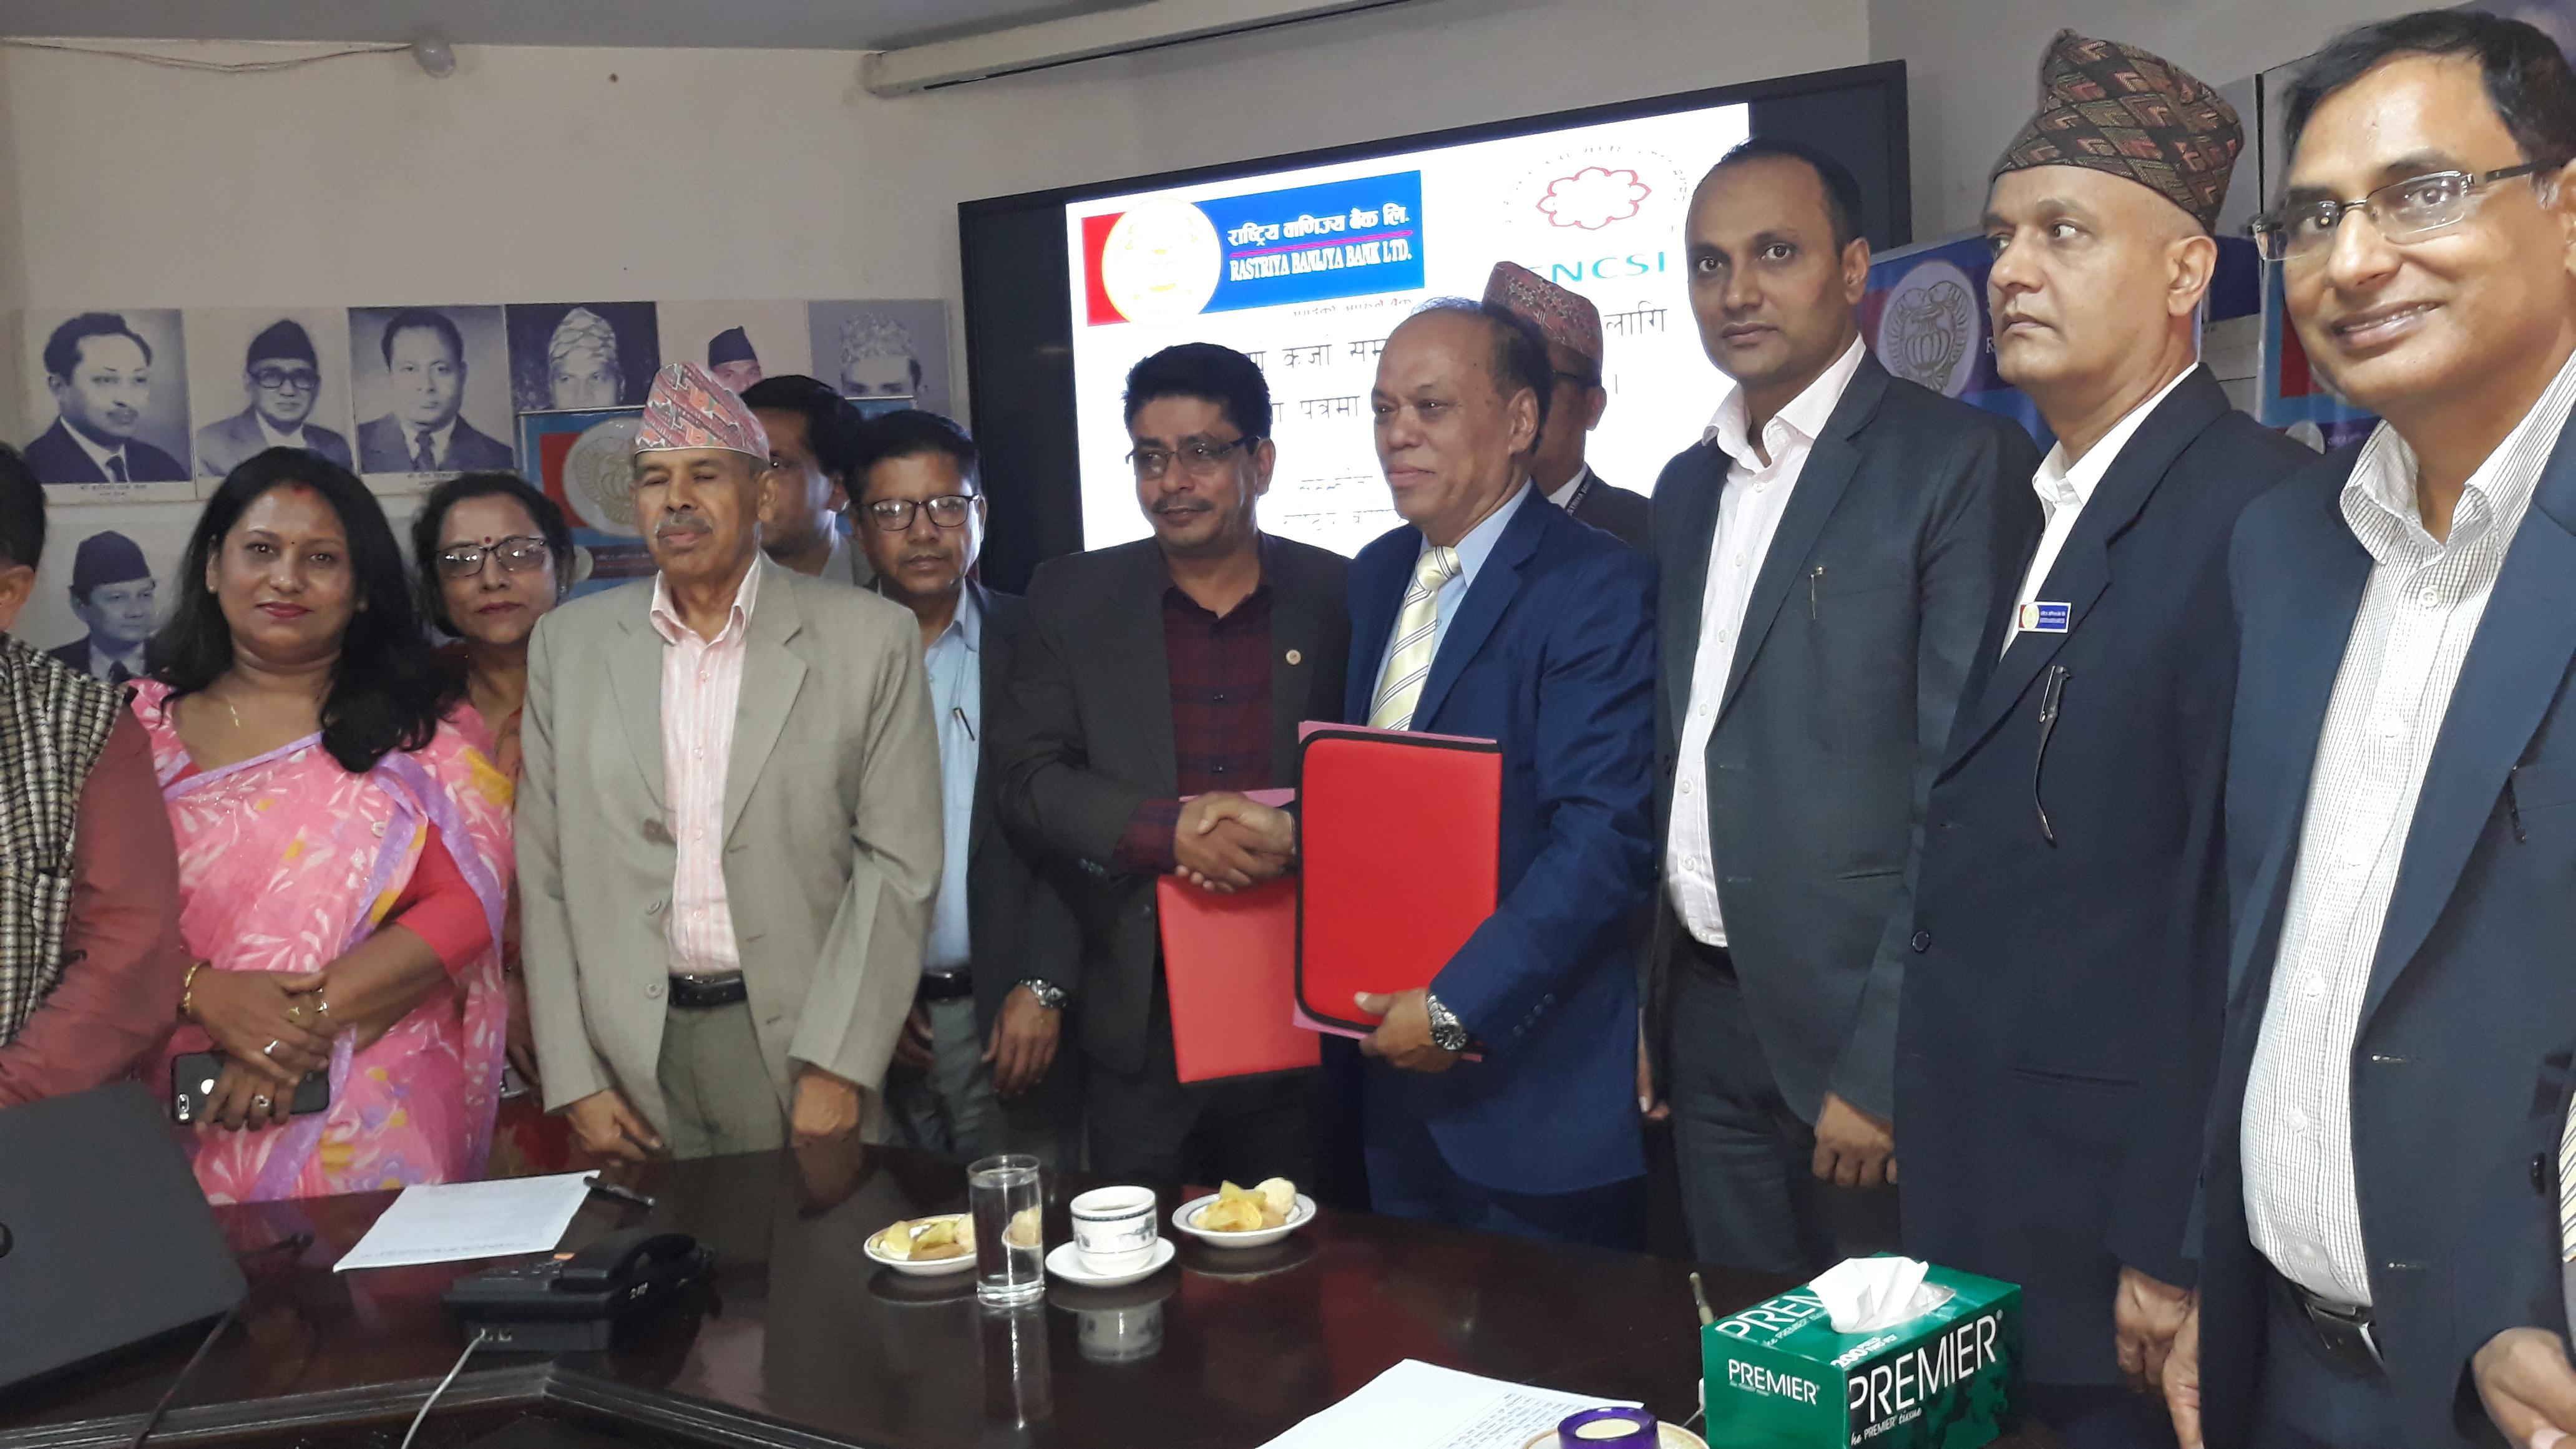 वाणिज्य बैंकको कर्जामा नेपाल घरेलु तथा साना उद्योग महासंघले उद्यमीलाई सहजीकरण गर्ने